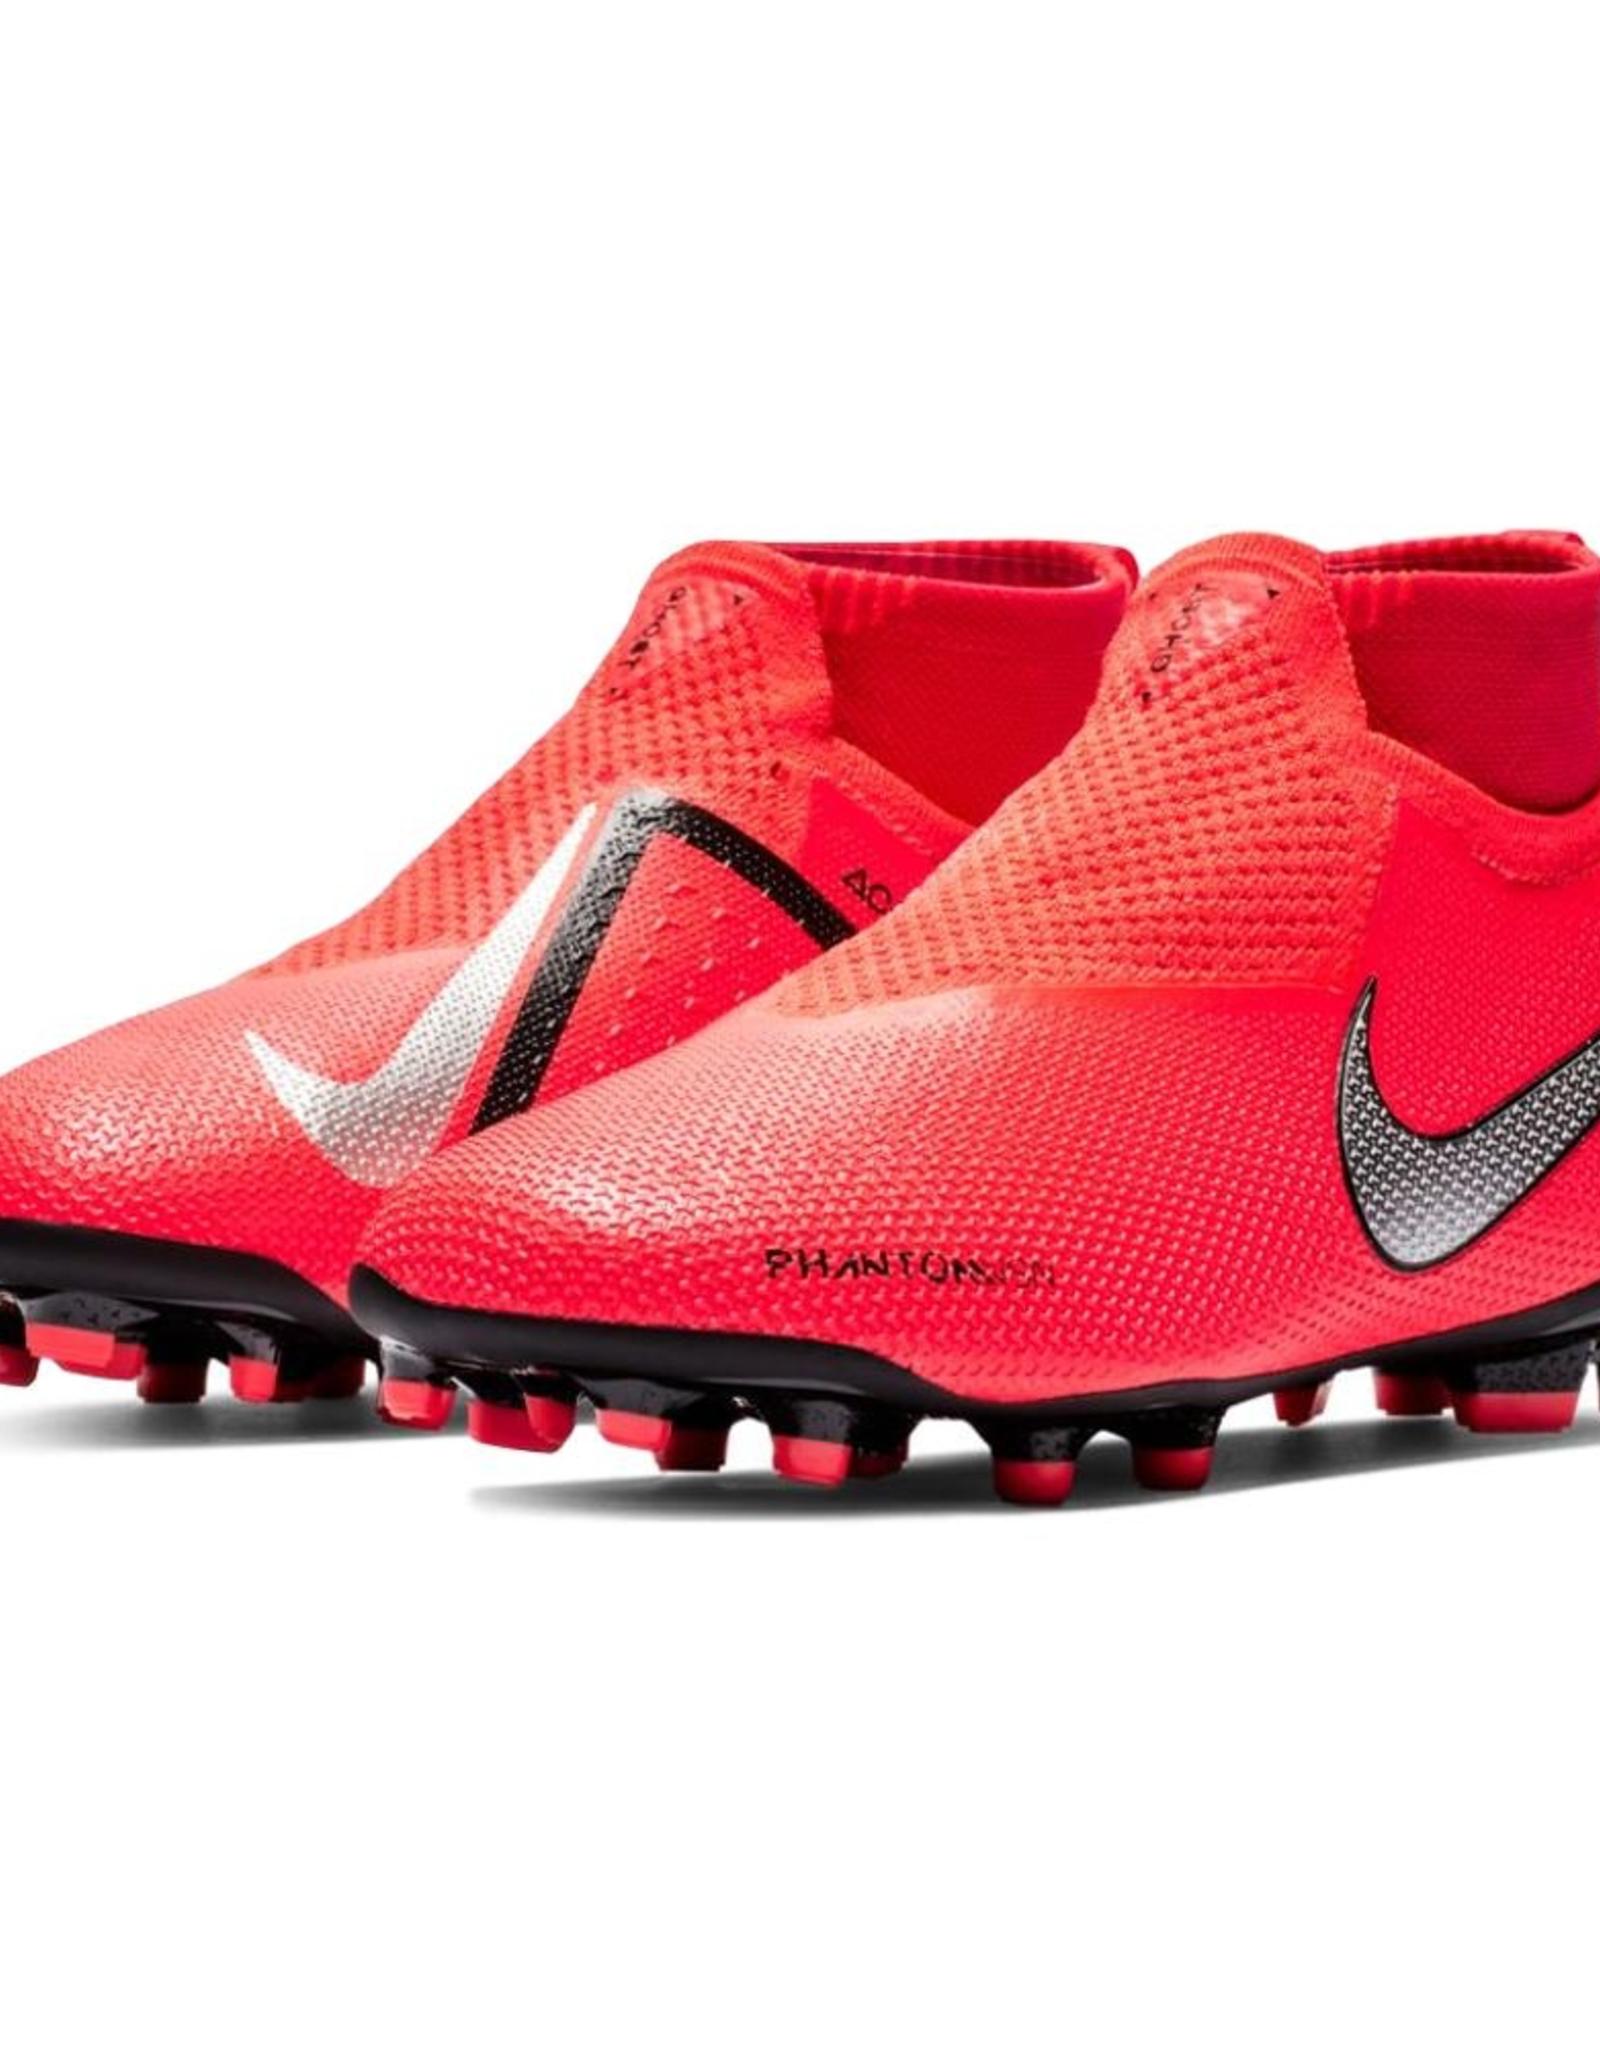 Adidas Nike Phantom V Elite FG